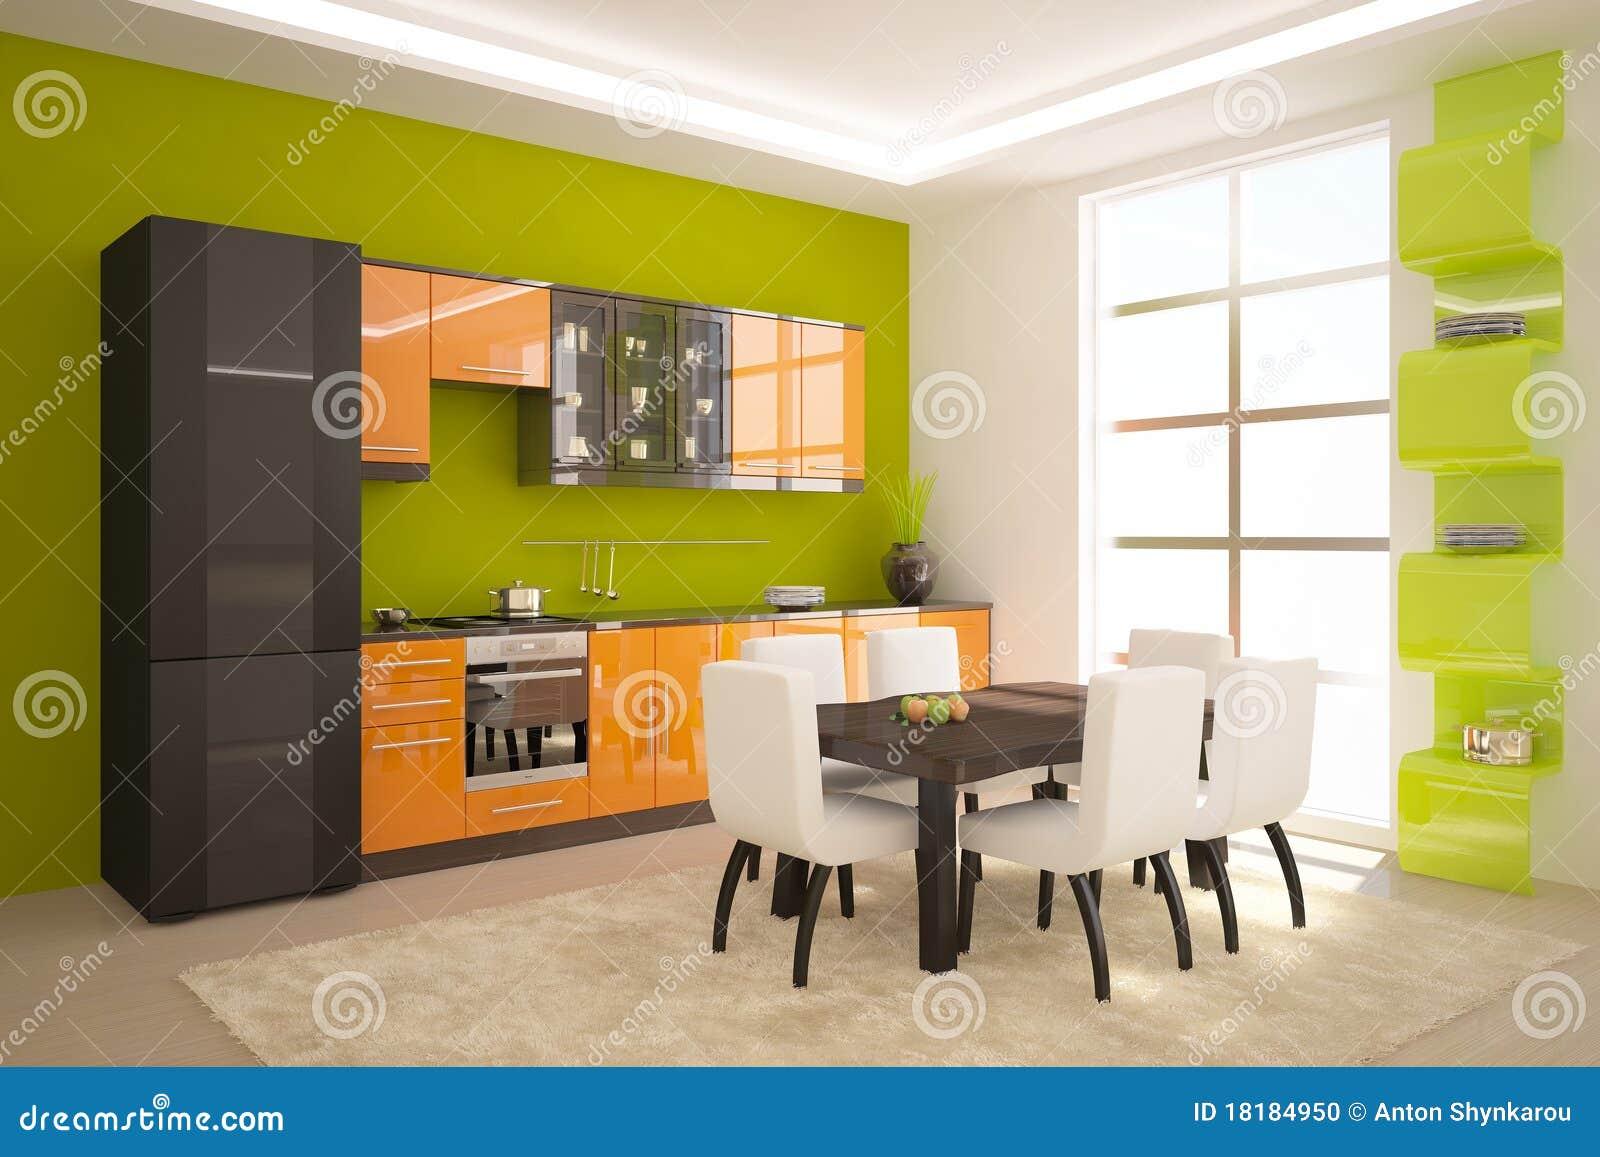 Chambre Bebe Gris Beige : Cuisine moderne avec les meubles verts